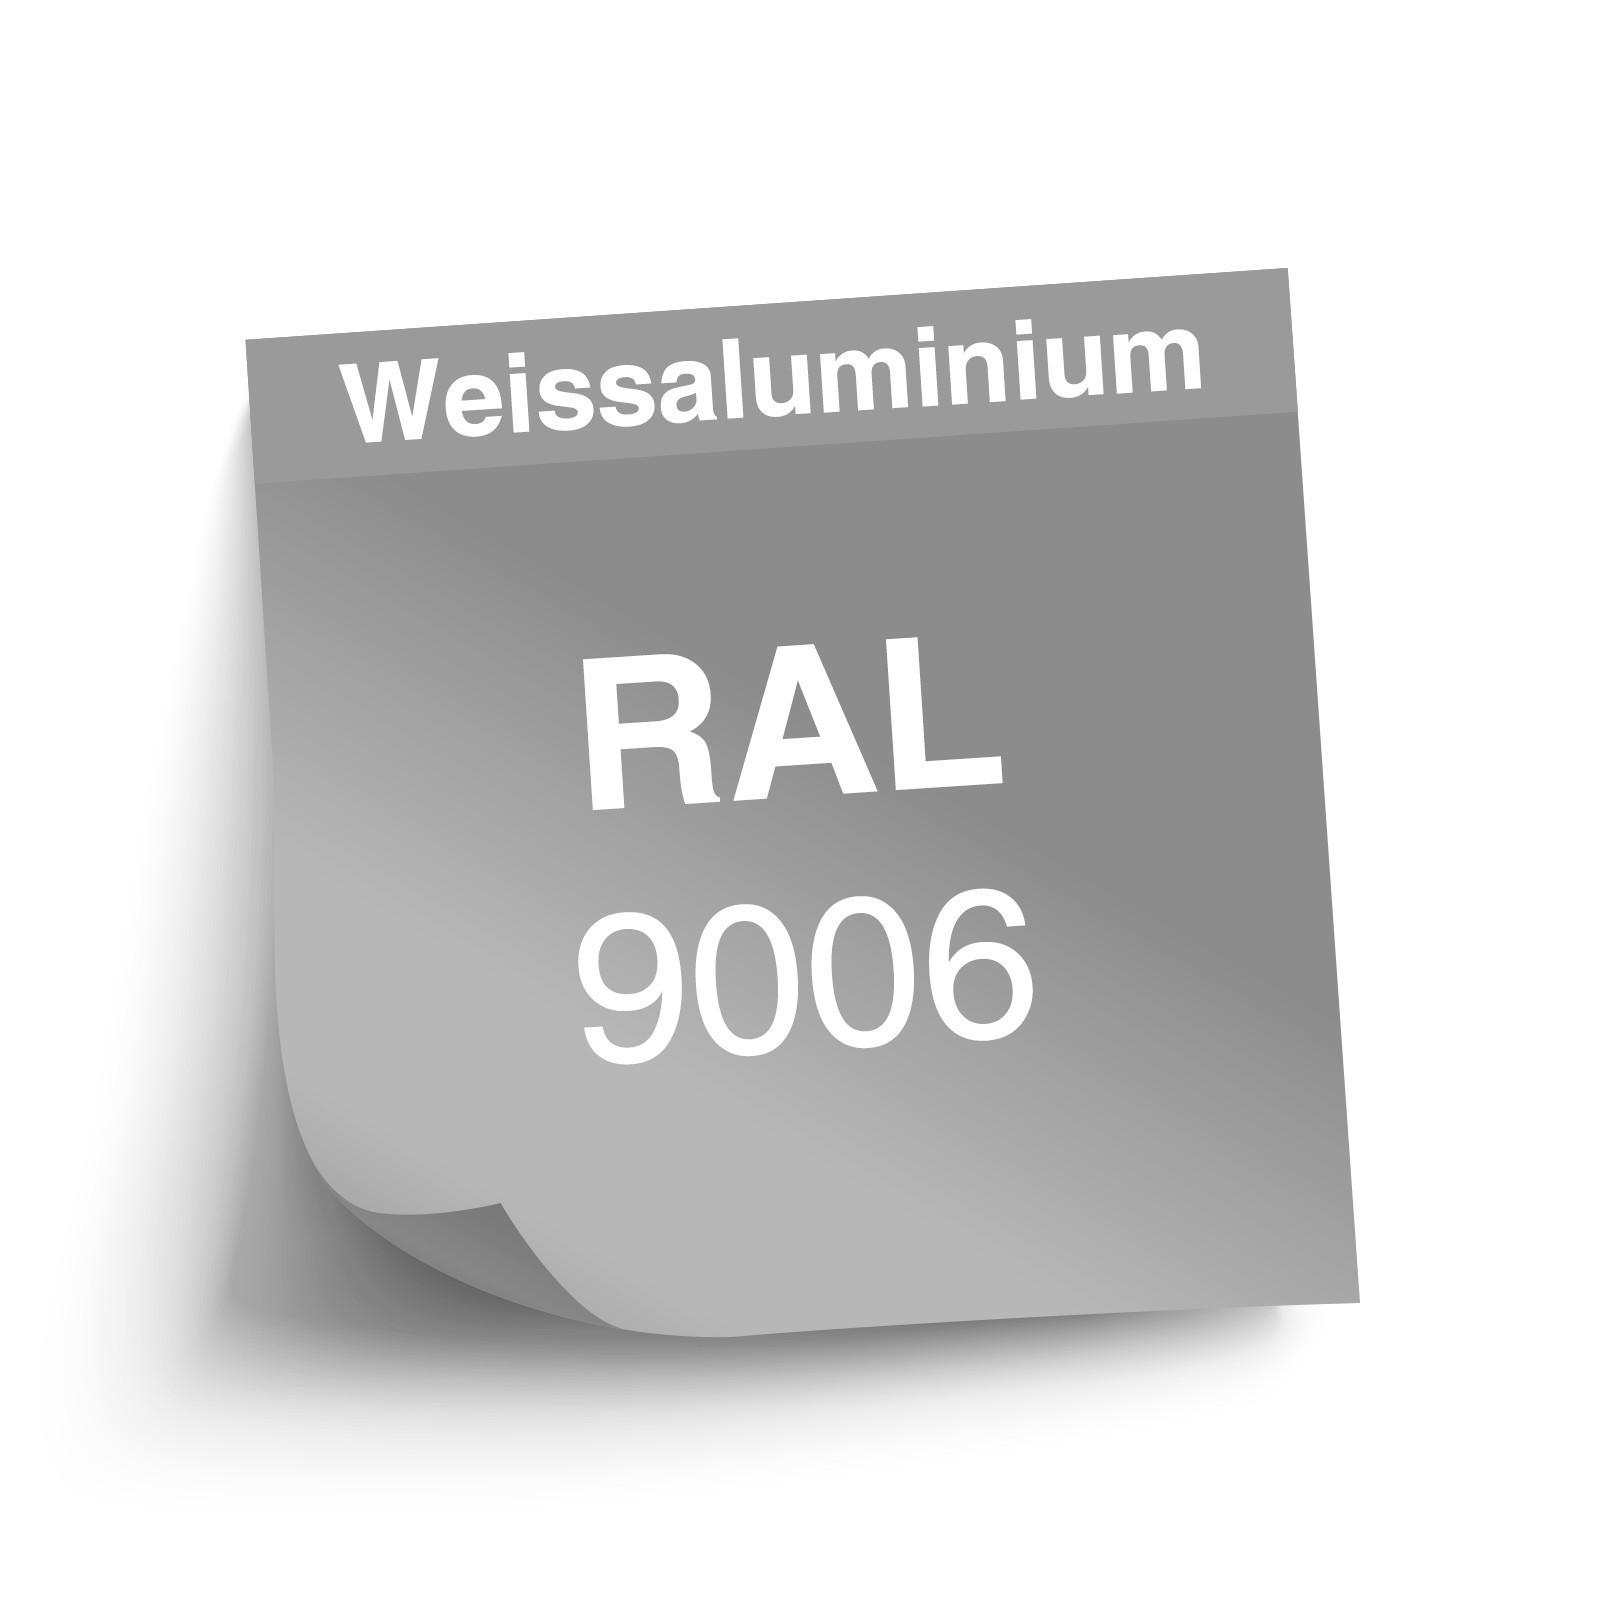 ADB Betriebseinrichtungen ADB Lochwand Halter für Lagersichtkasten Größe 7 & 8 var-Halter-Lagersichtkasten